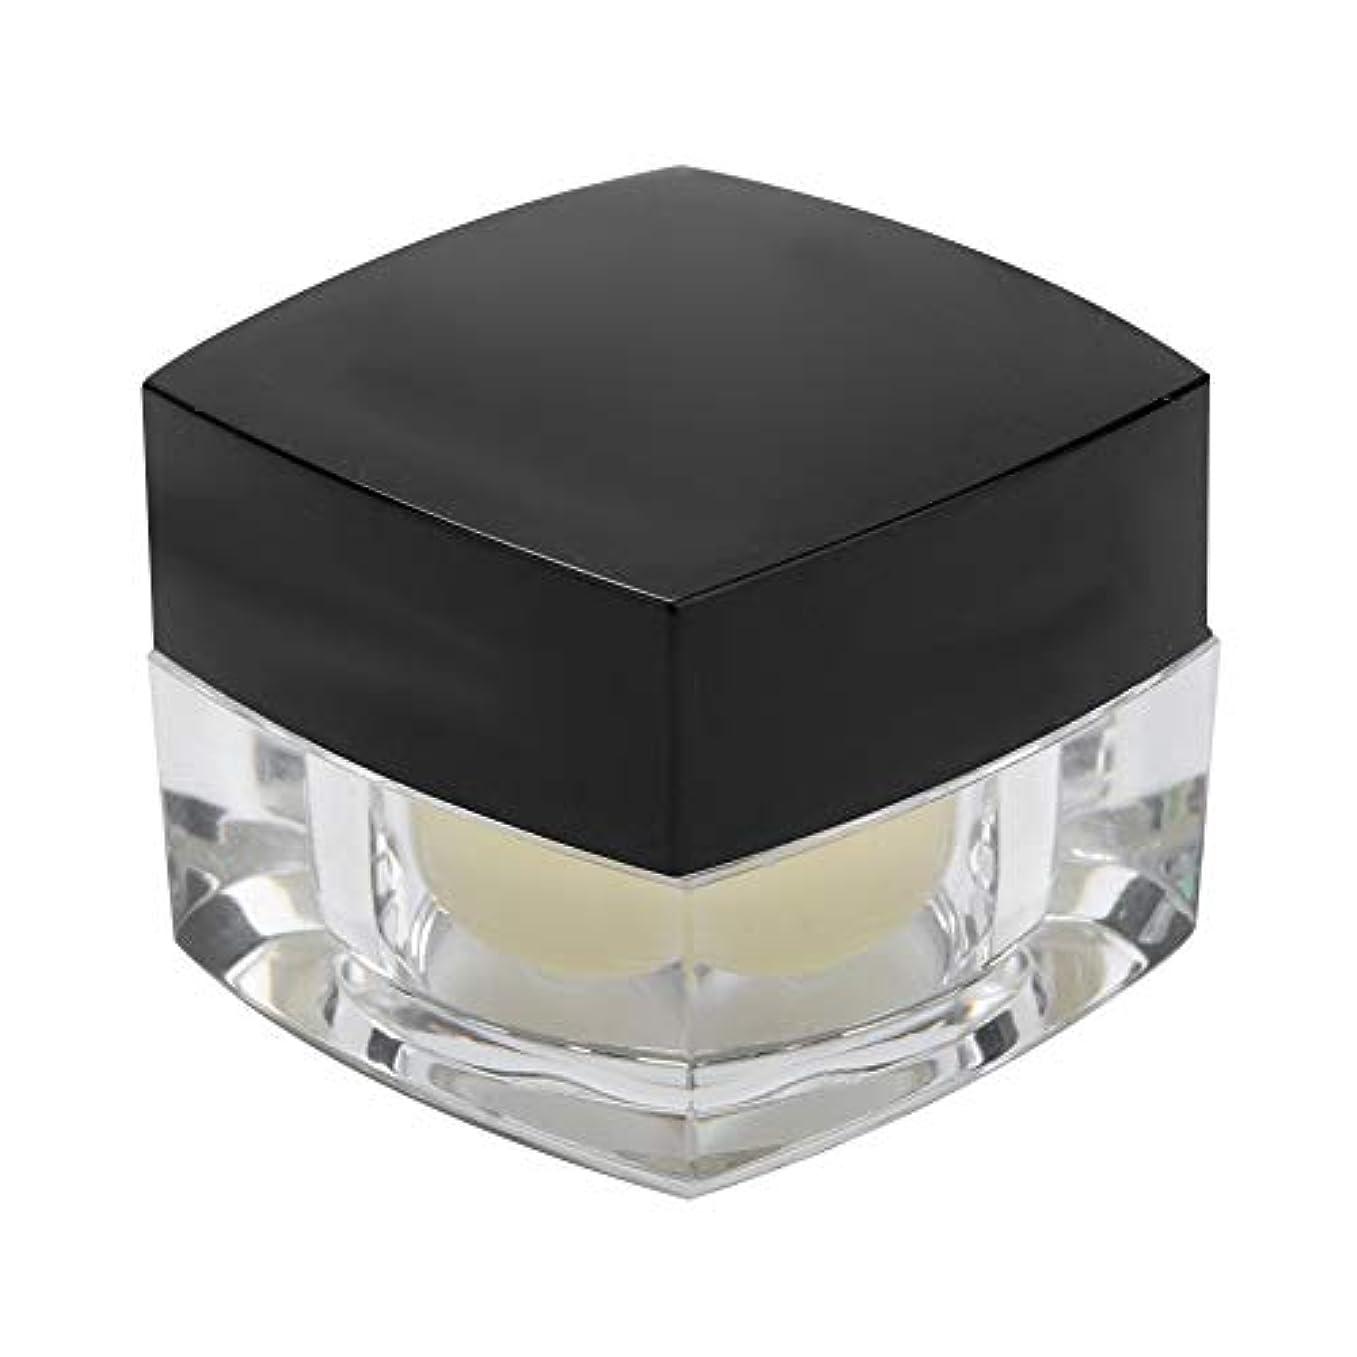 夜間つぶやき前にまつげエクステンション接着剤リムーバー、つけまつげクリーム非刺激性まつげグラフトゲル除去クリーム - 5g